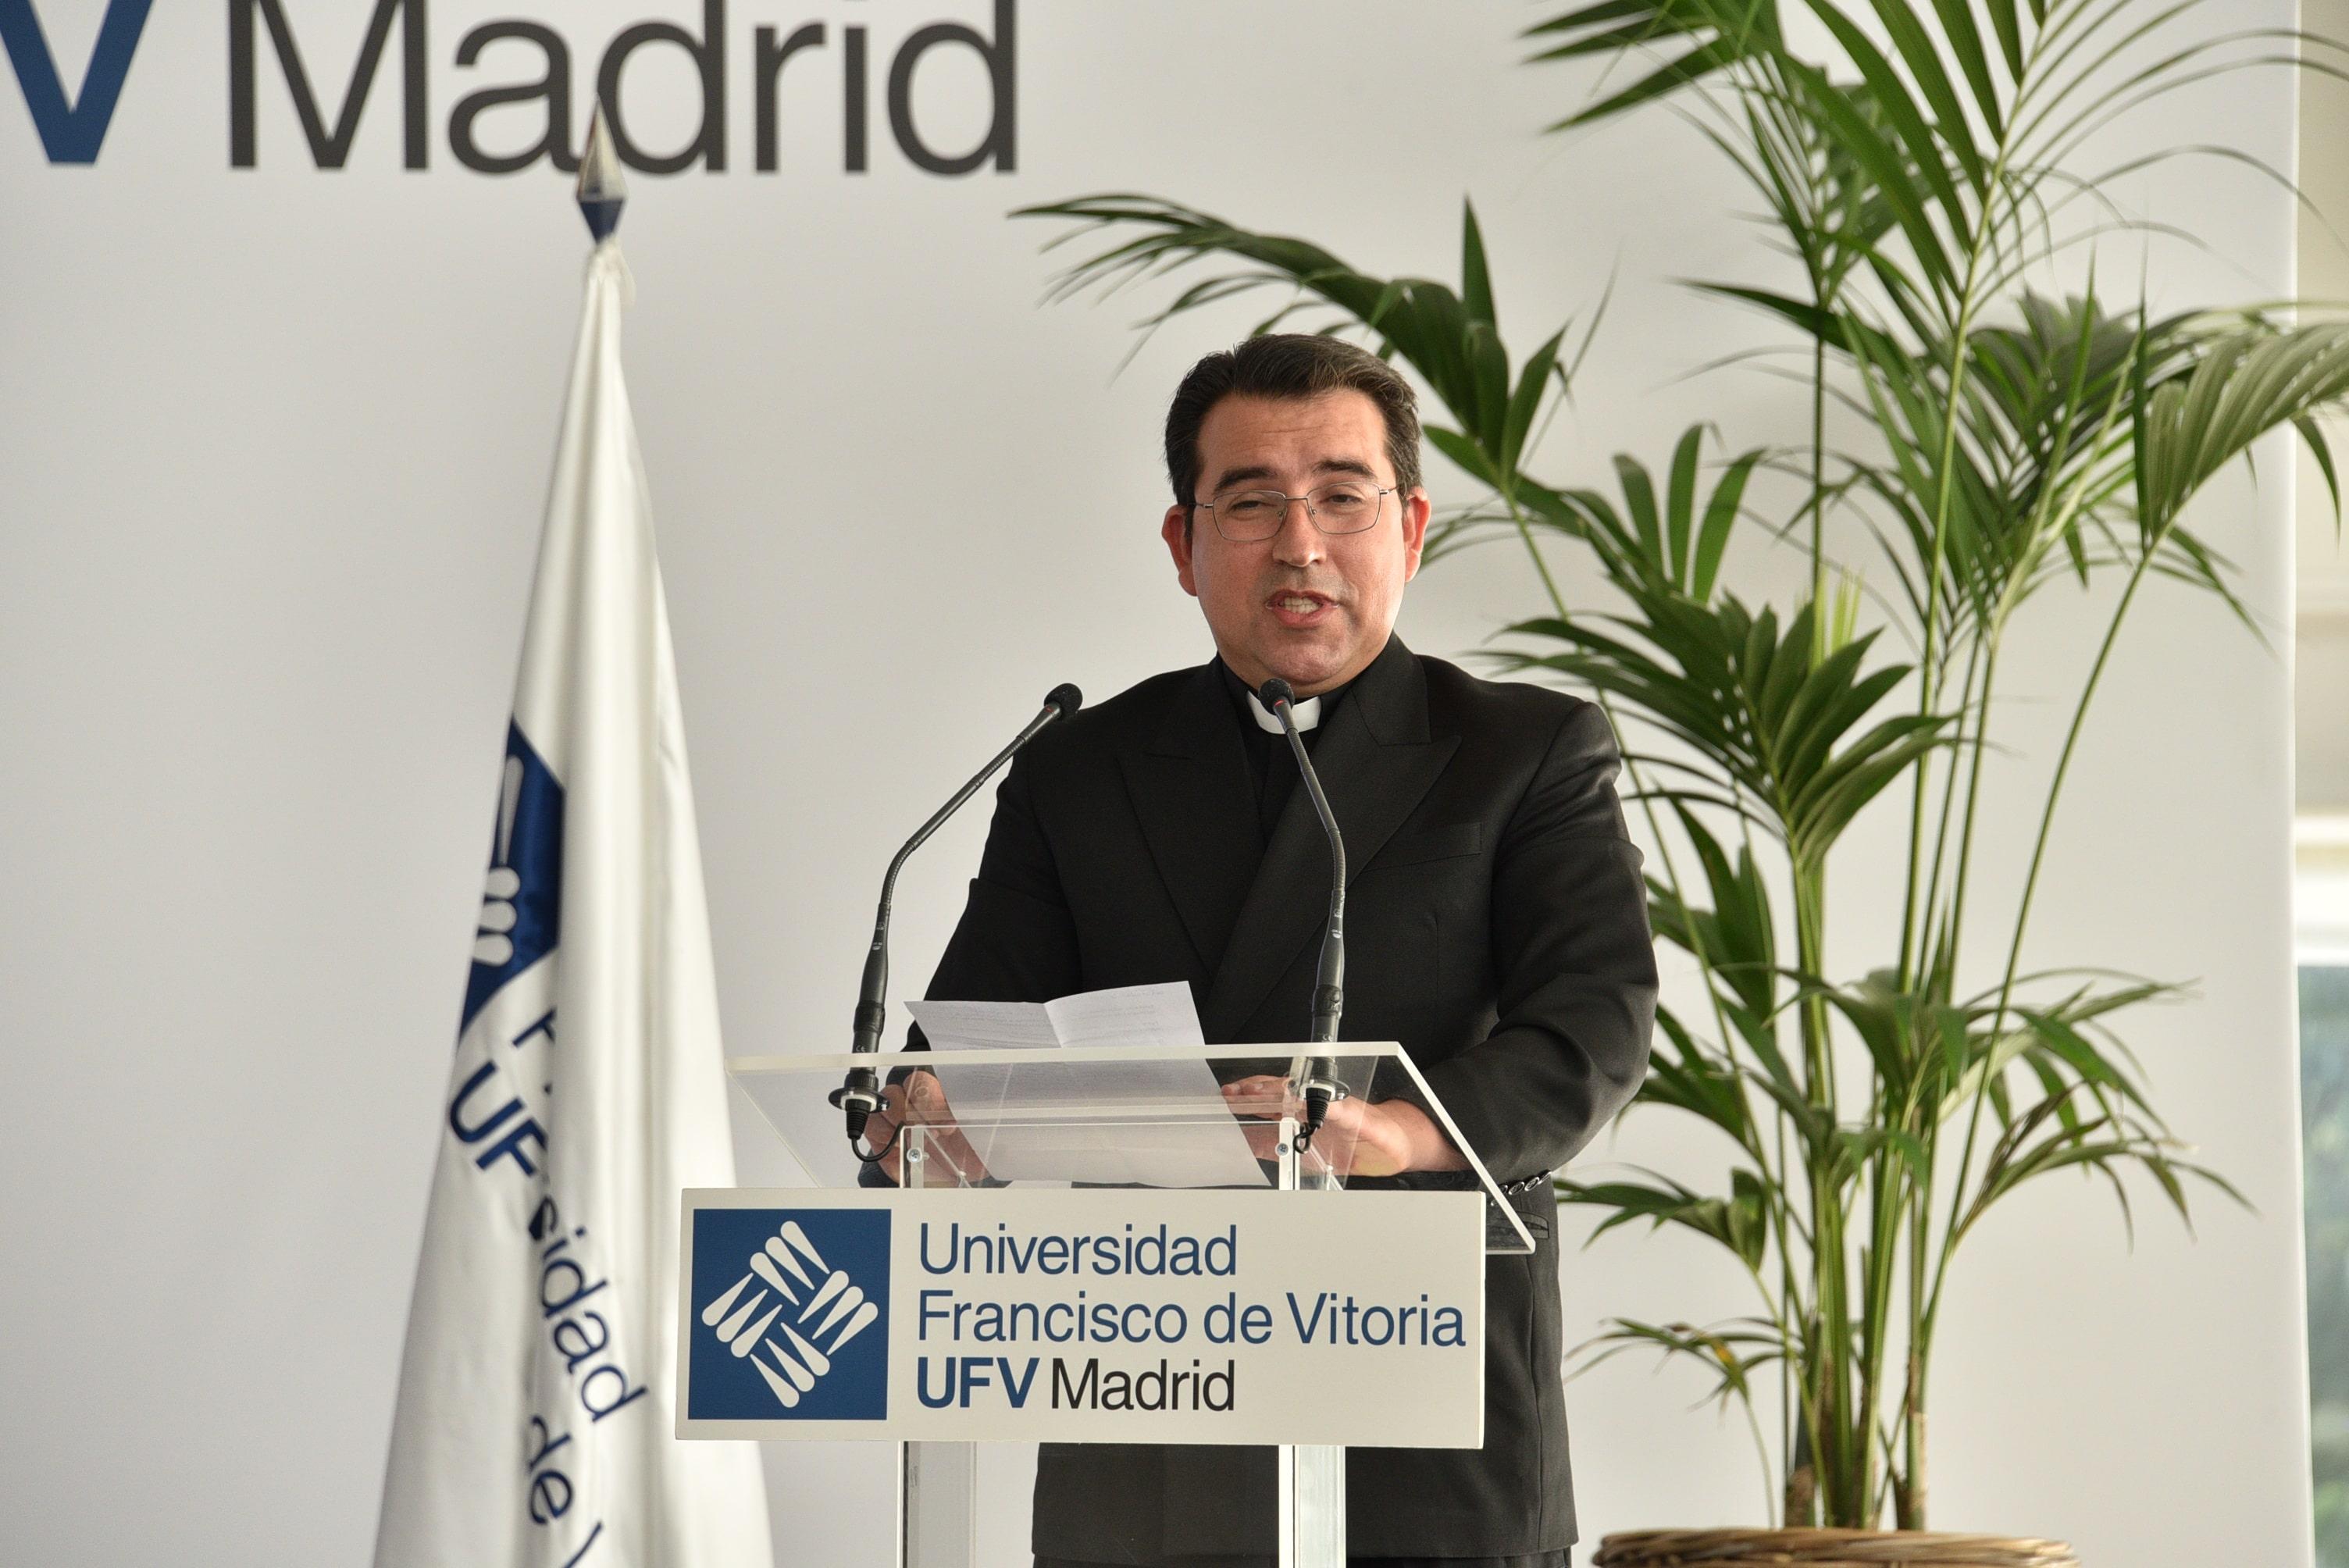 210702UFV 1066 min Actos académicos Estudiar en Universidad Privada Madrid